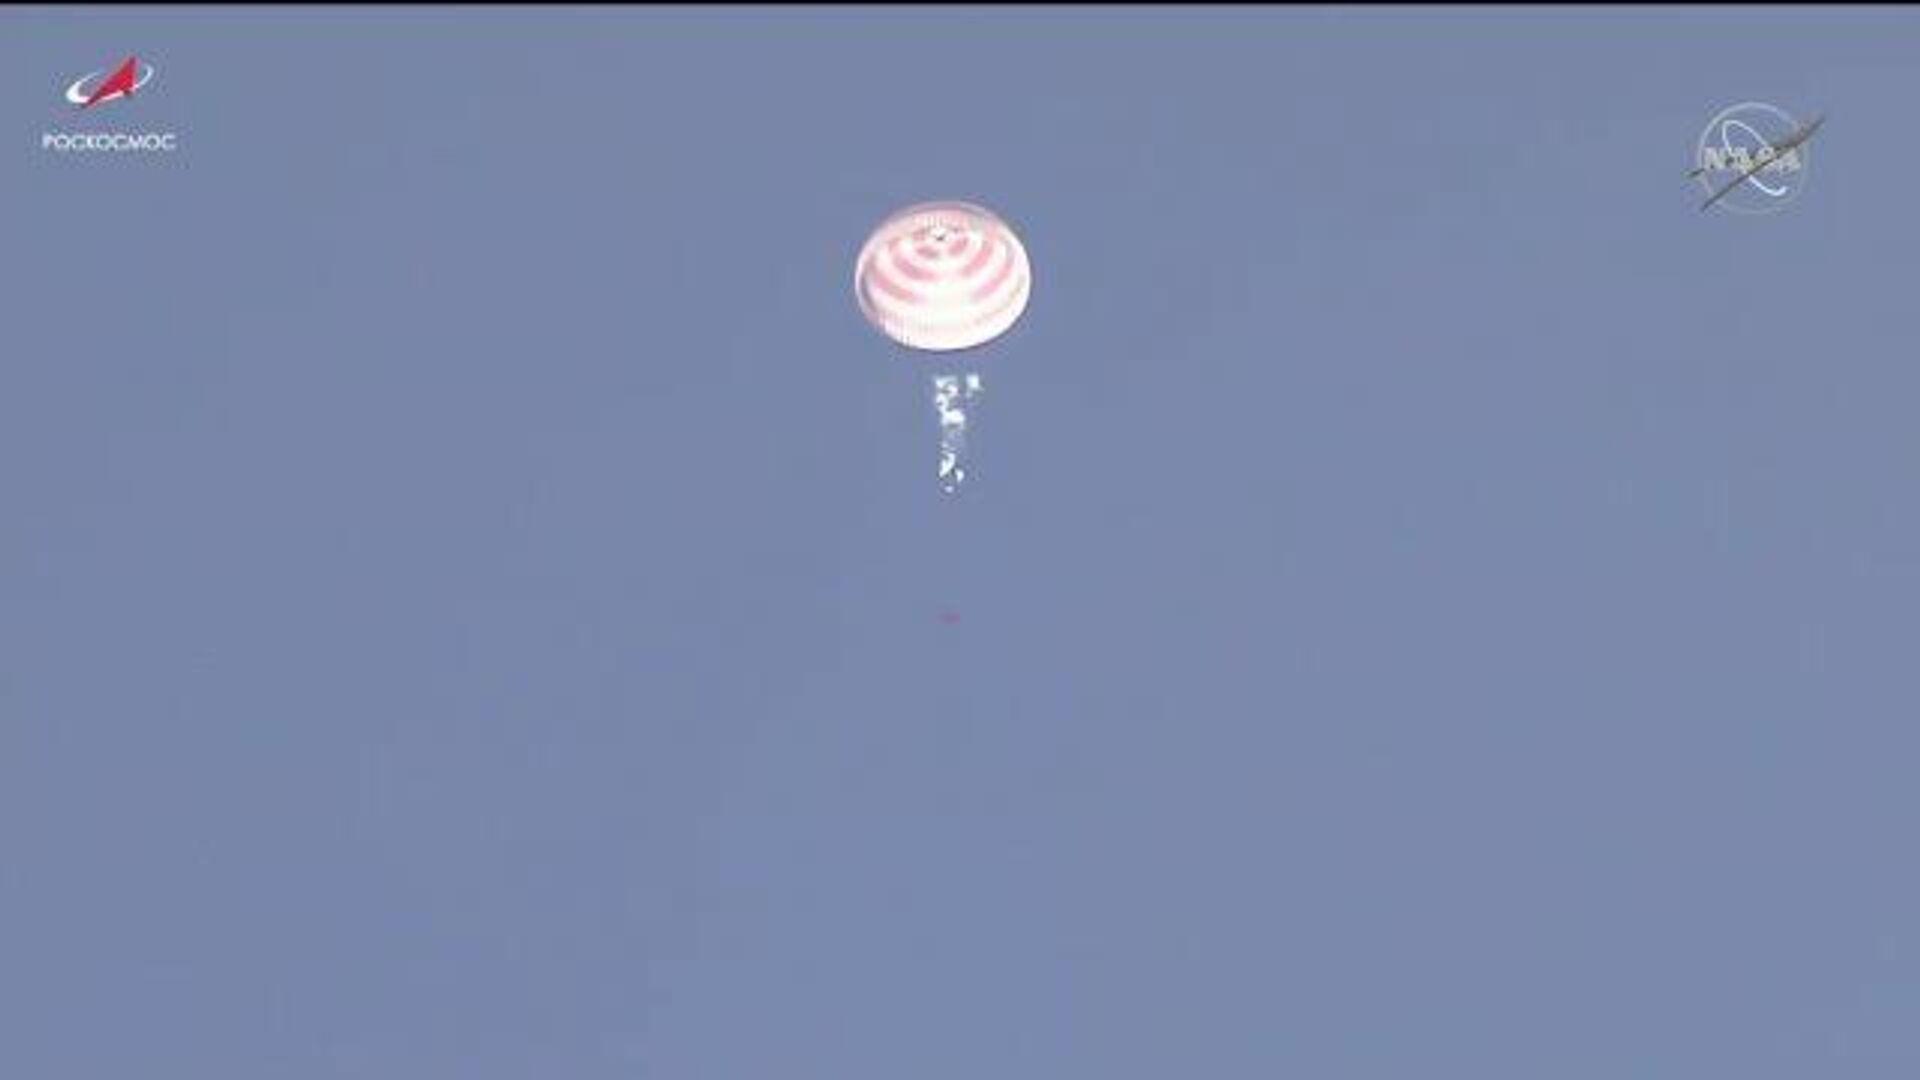 Возвращение на Землю: Союз МС-17 с экипажем МКС совершил успешную посадку - РИА Новости, 1920, 17.04.2021